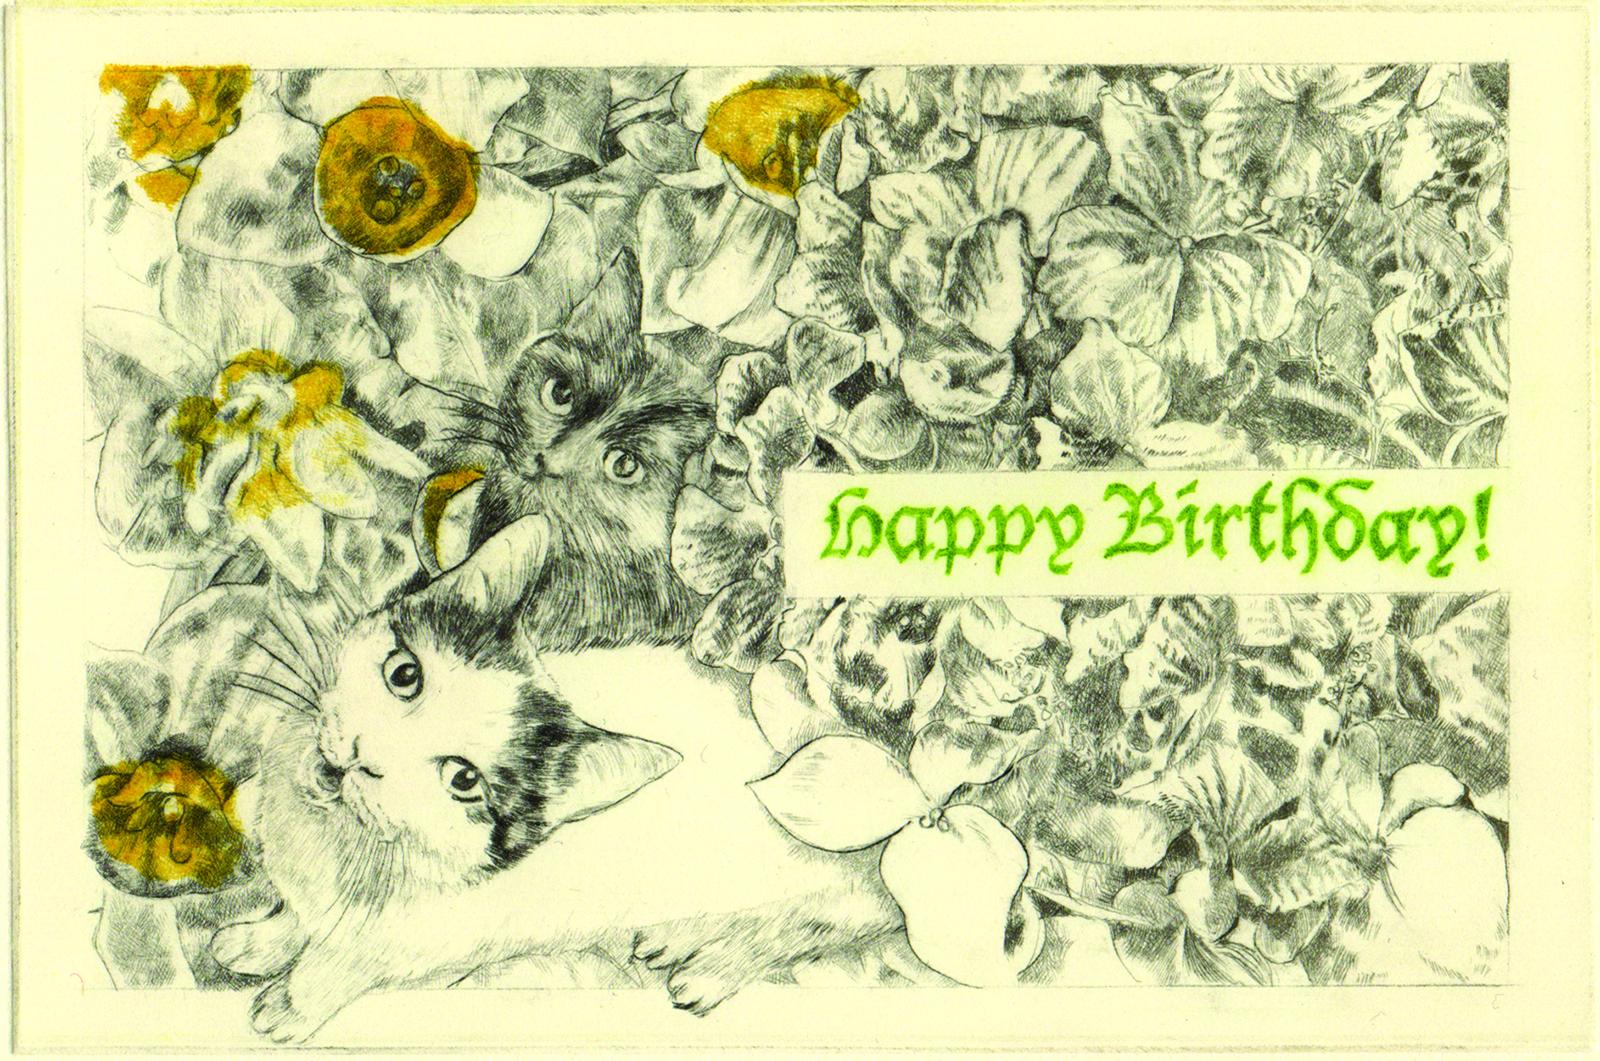 Happy Birthday! (drypoint etching by Yaemi Shigyo)